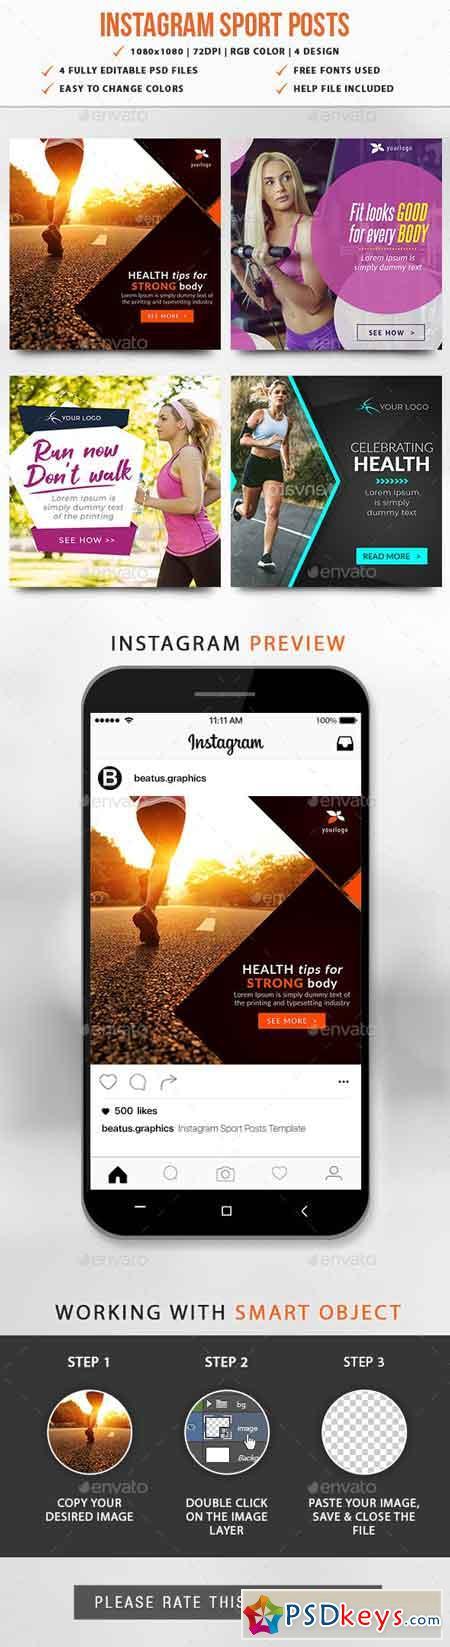 Instagram Sport Posts 23056164